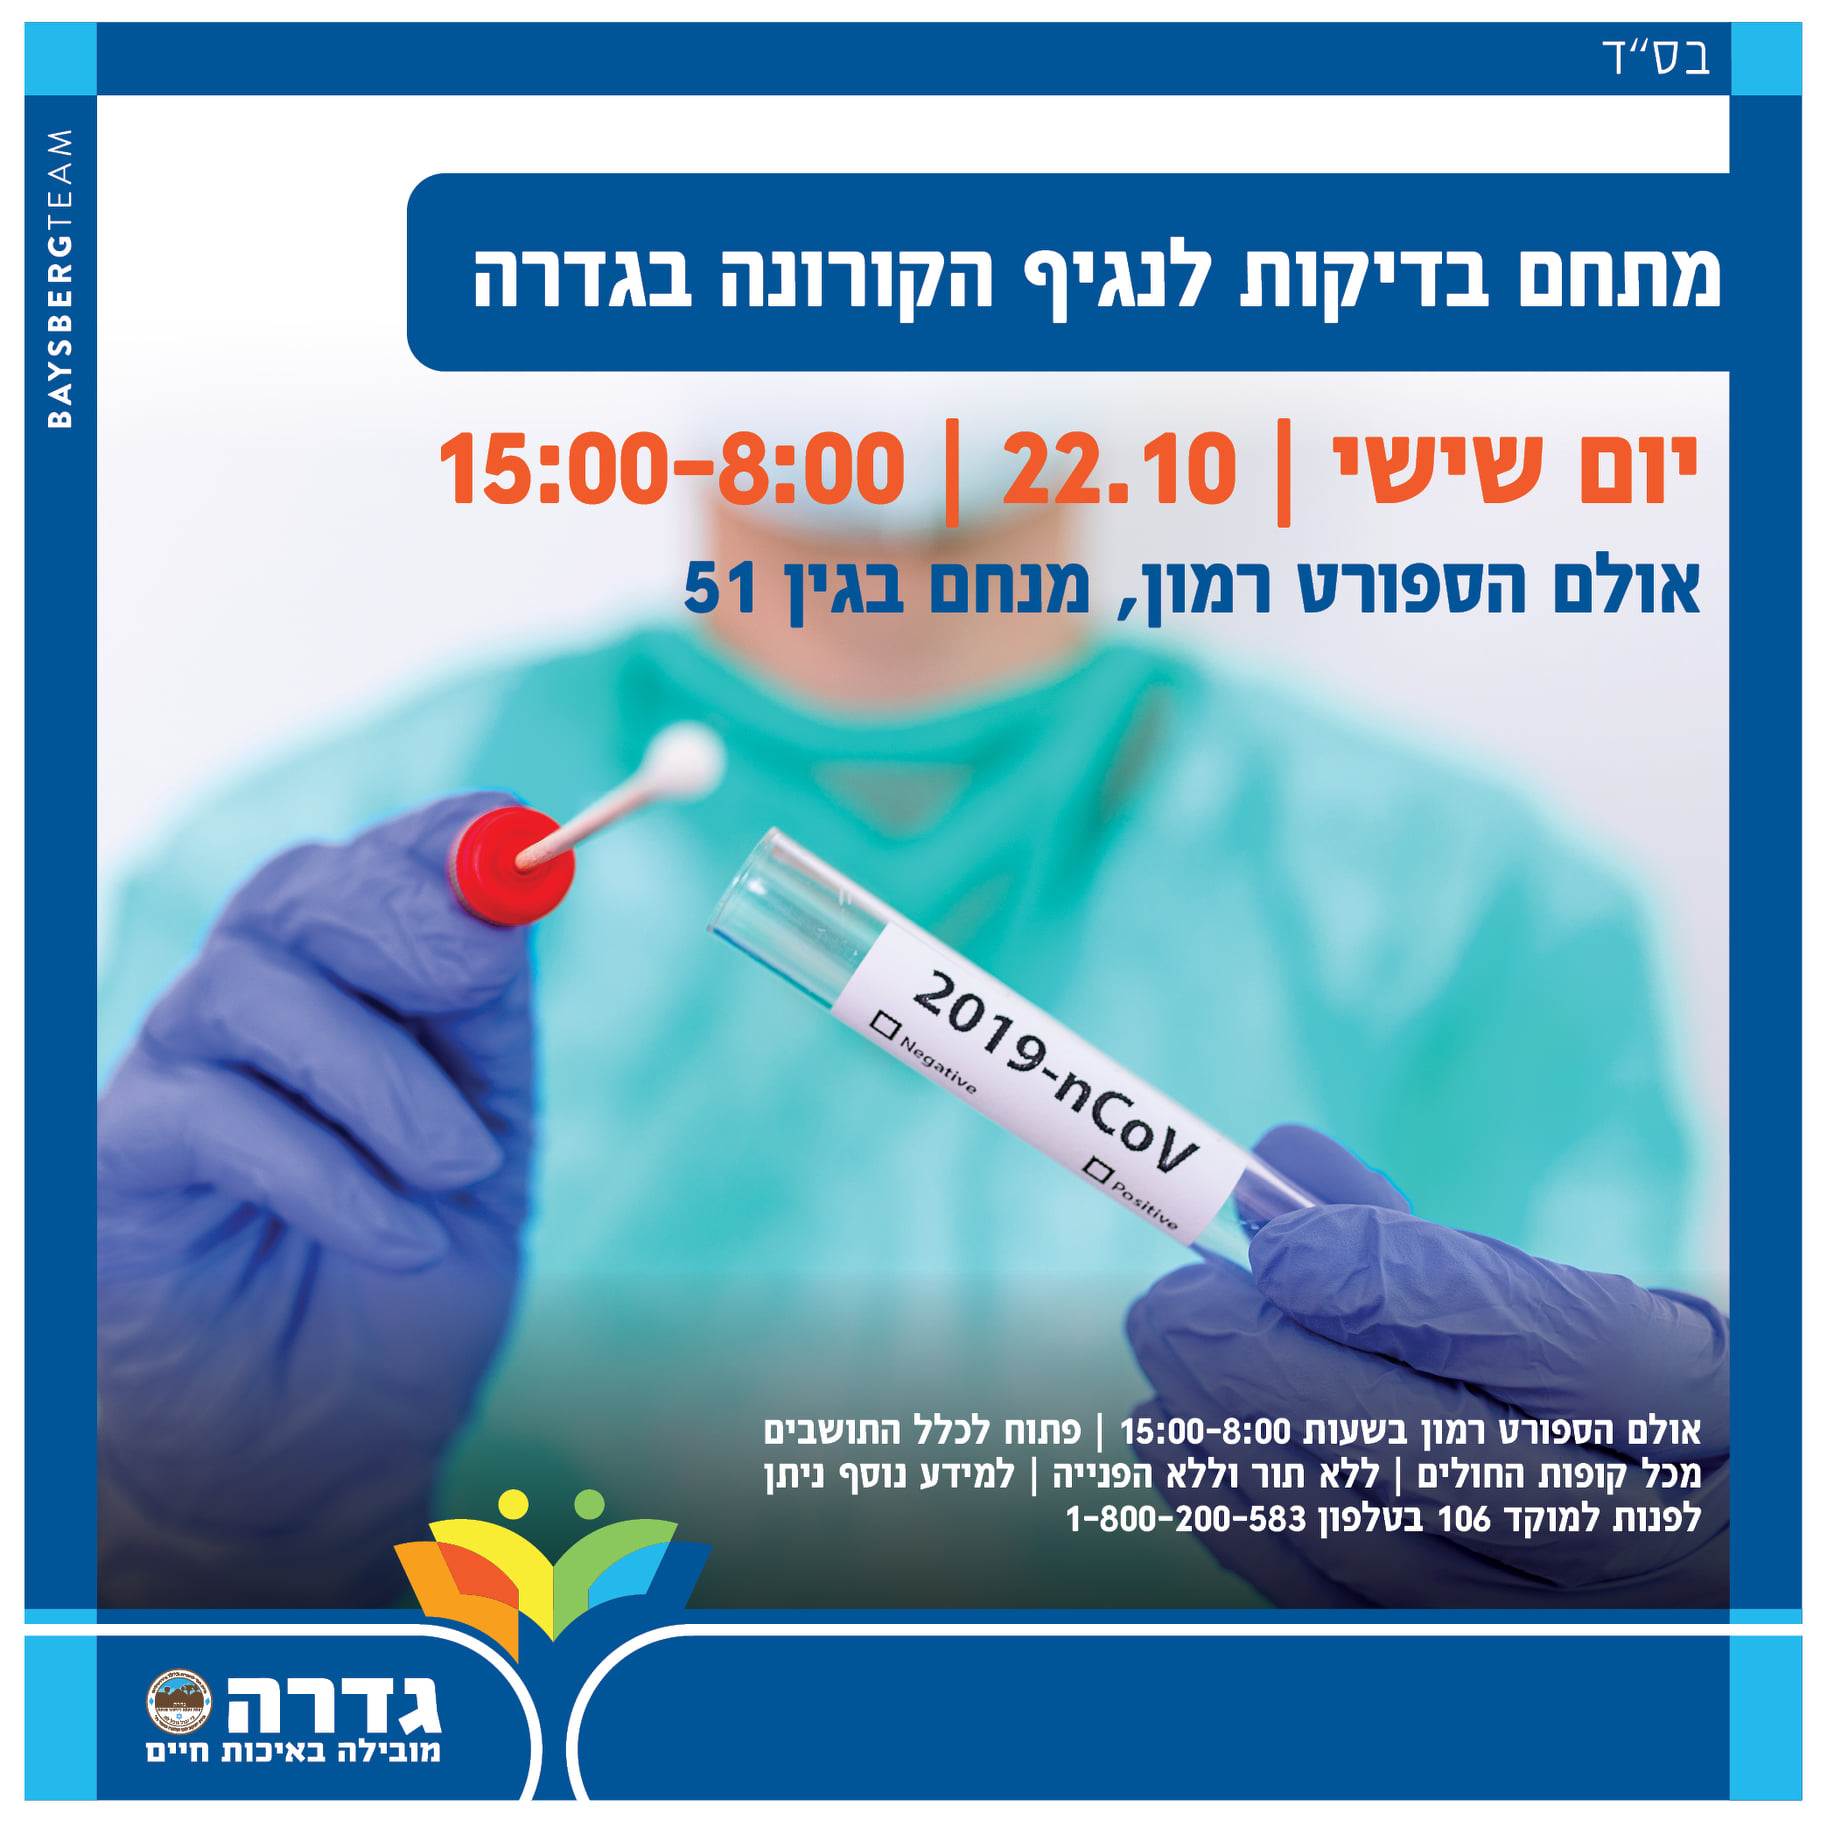 בדיקות PCR בגדרה @ בית הספר רמון